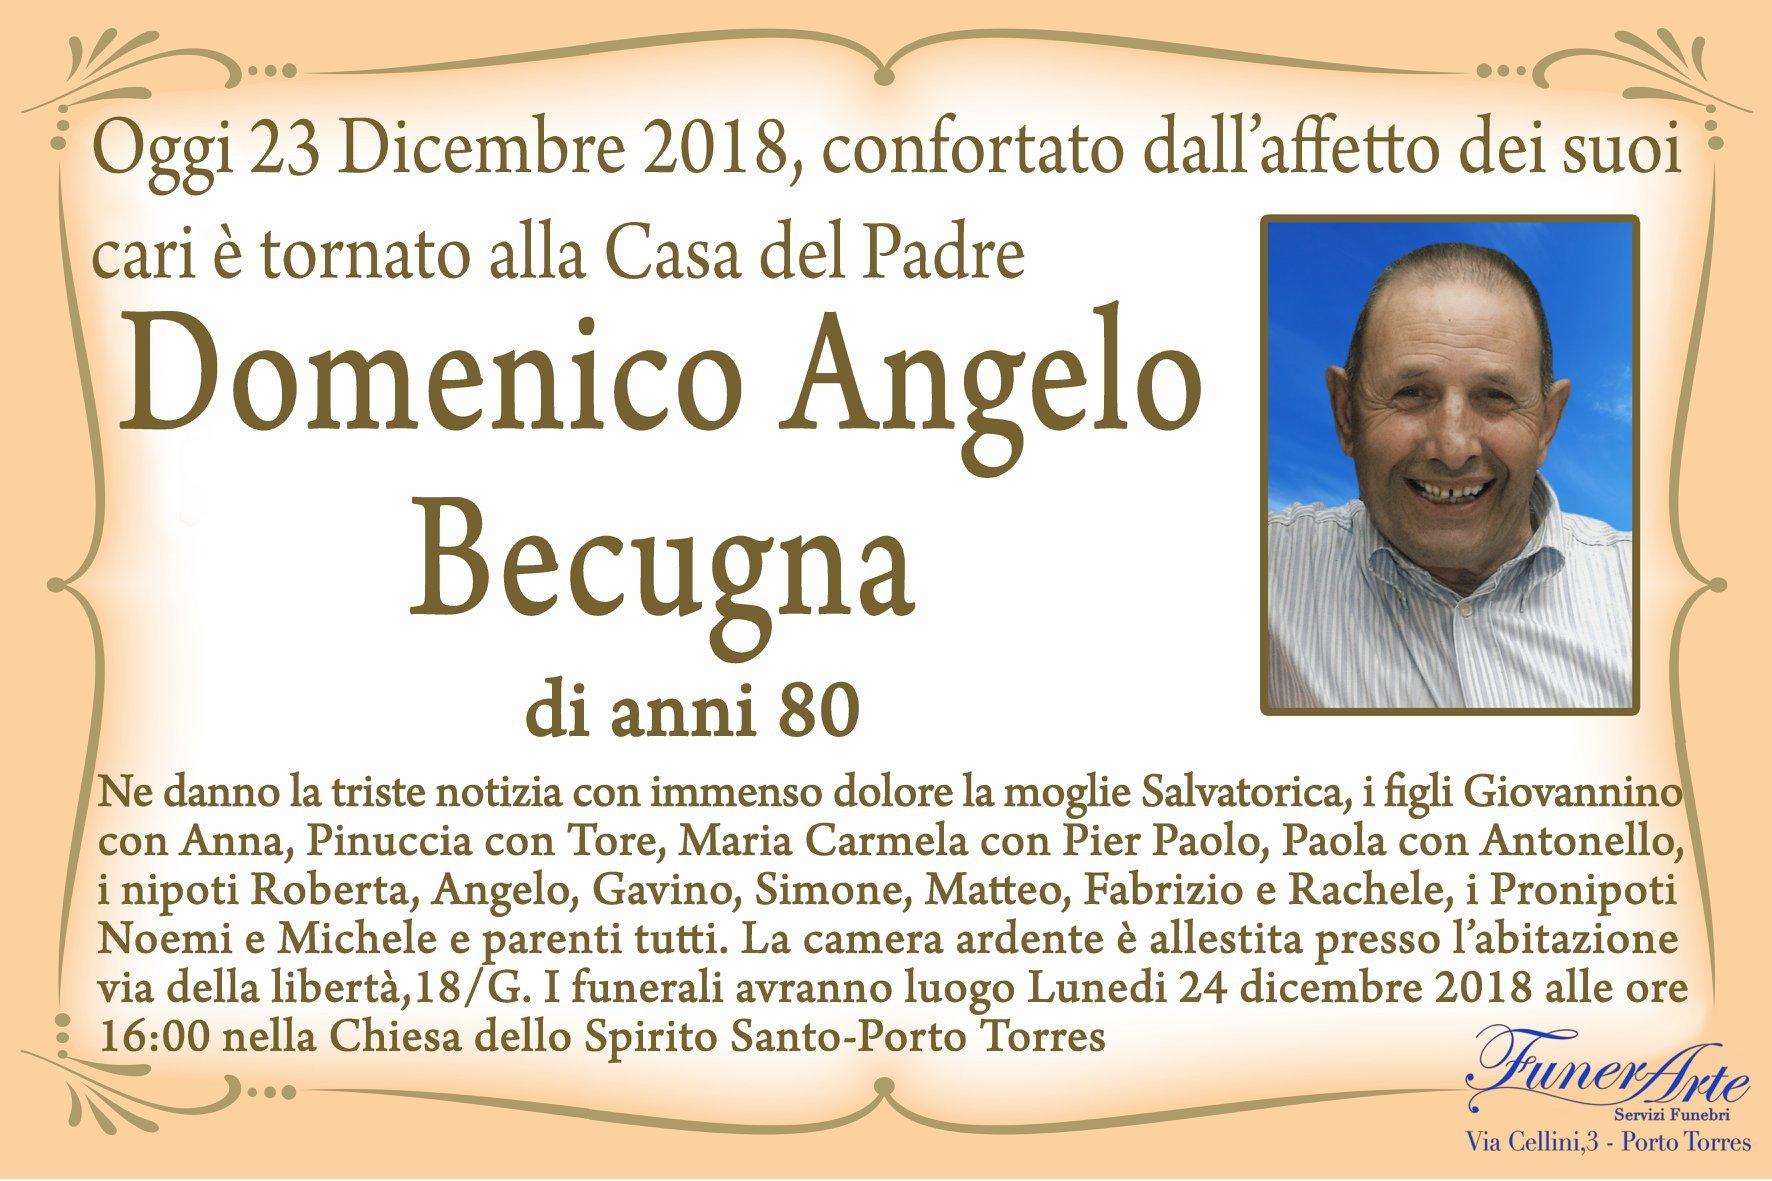 Domenico Angelo Becugna necrologia